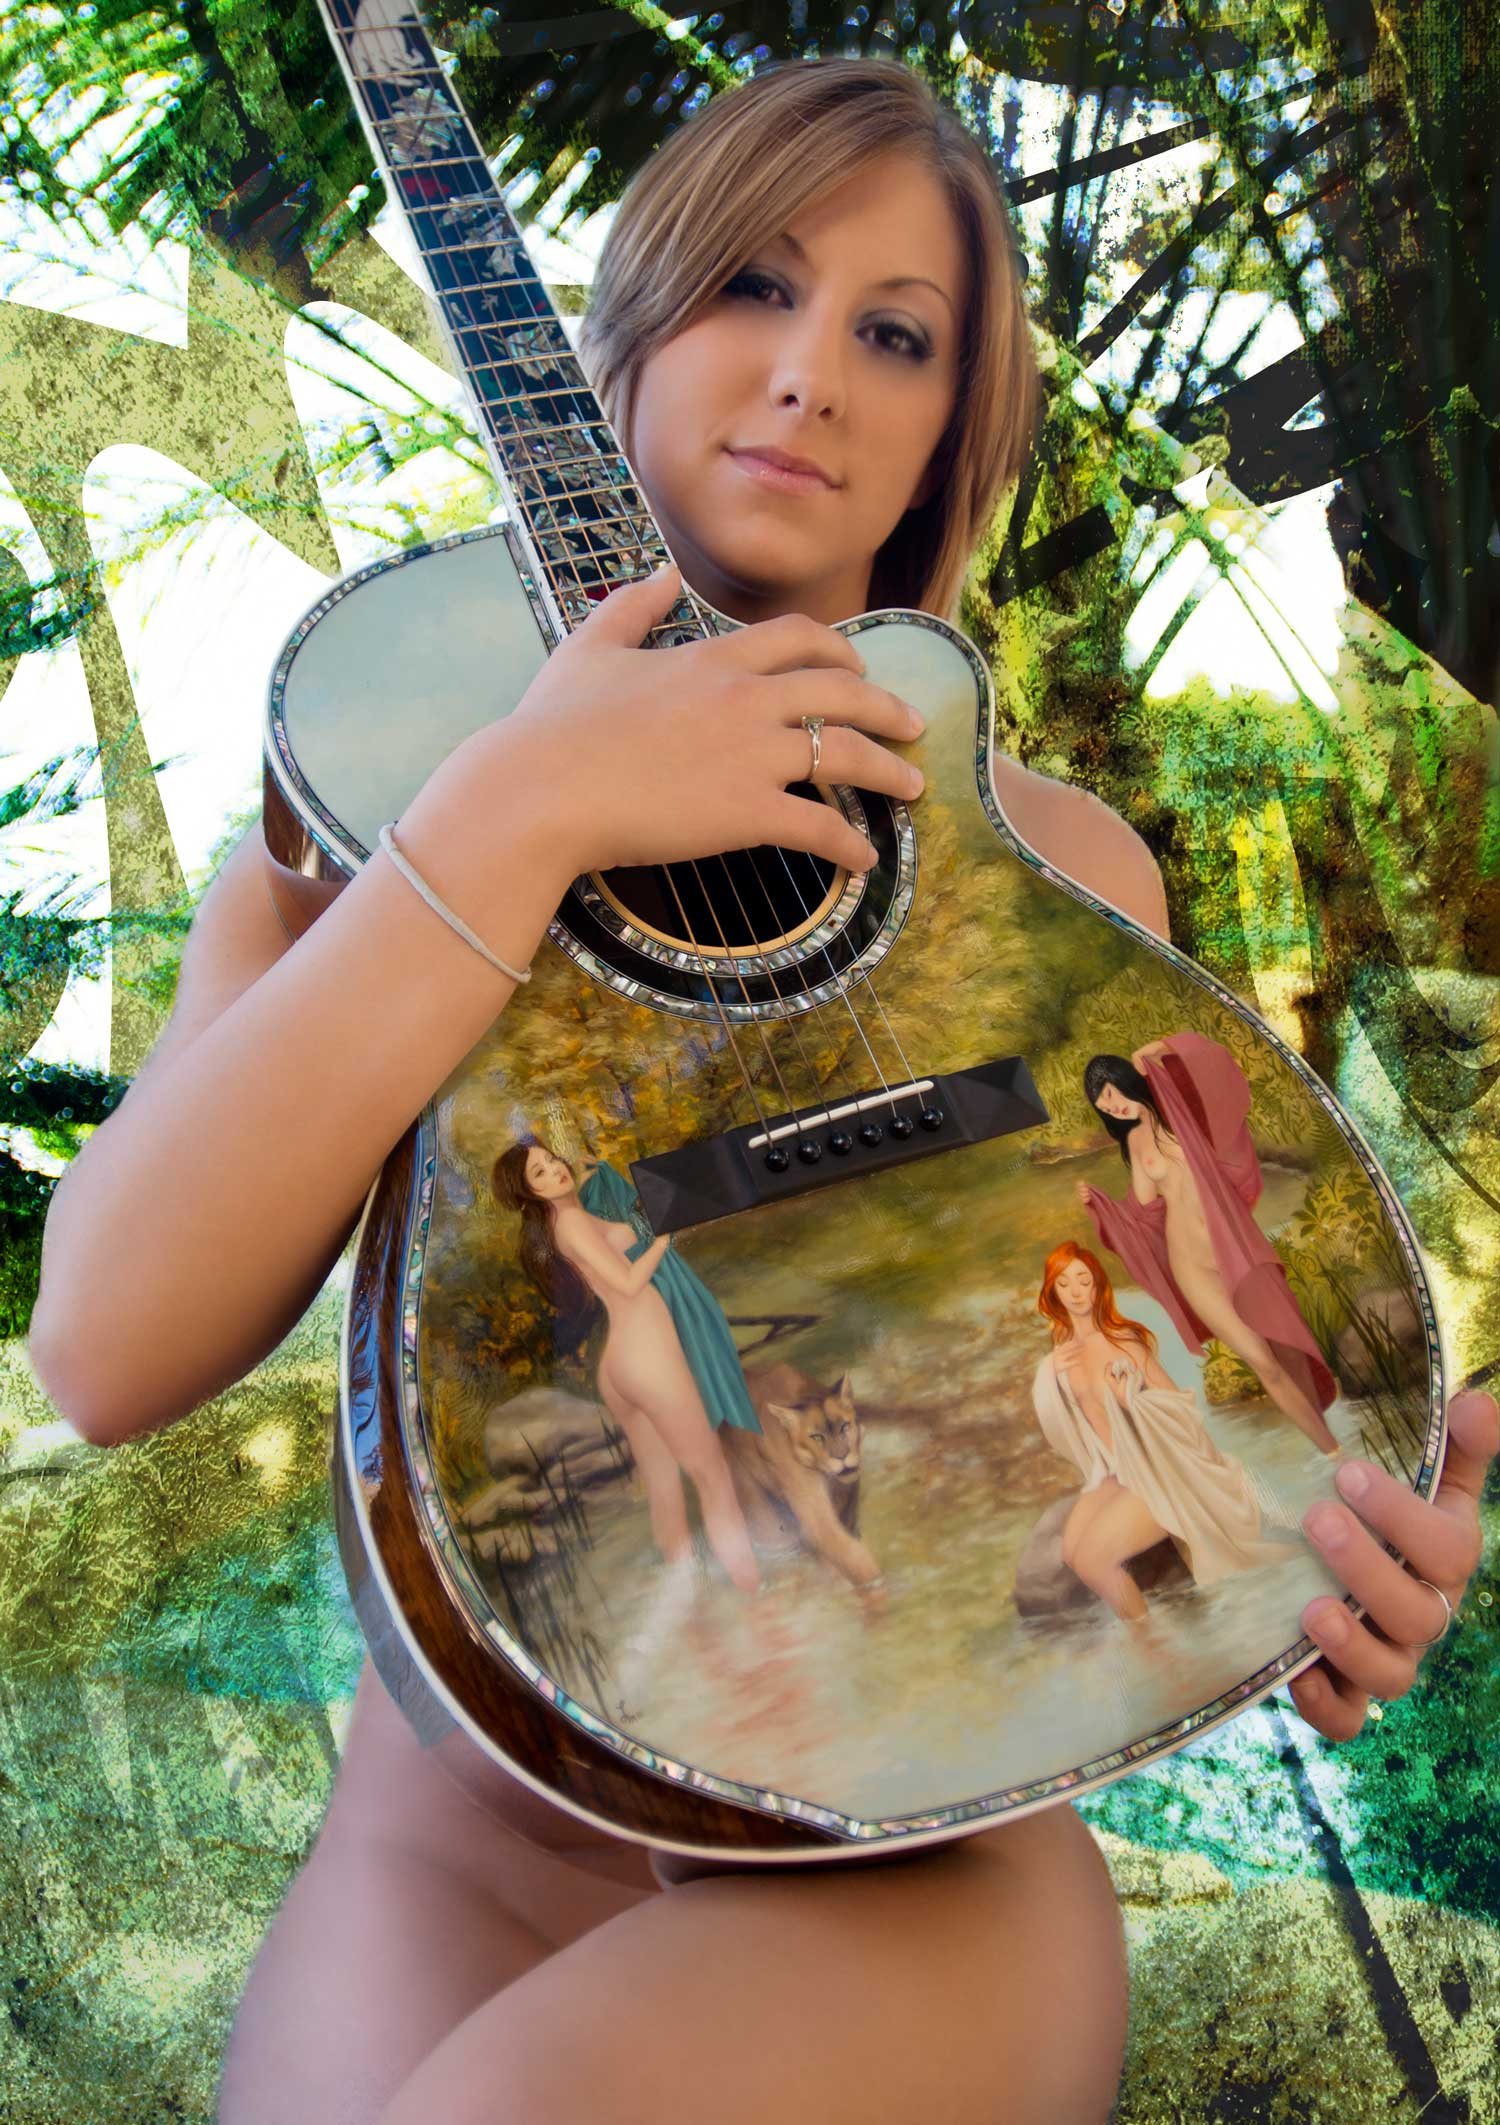 Merveilles du web - Pinterest - Page 5 Acoustic